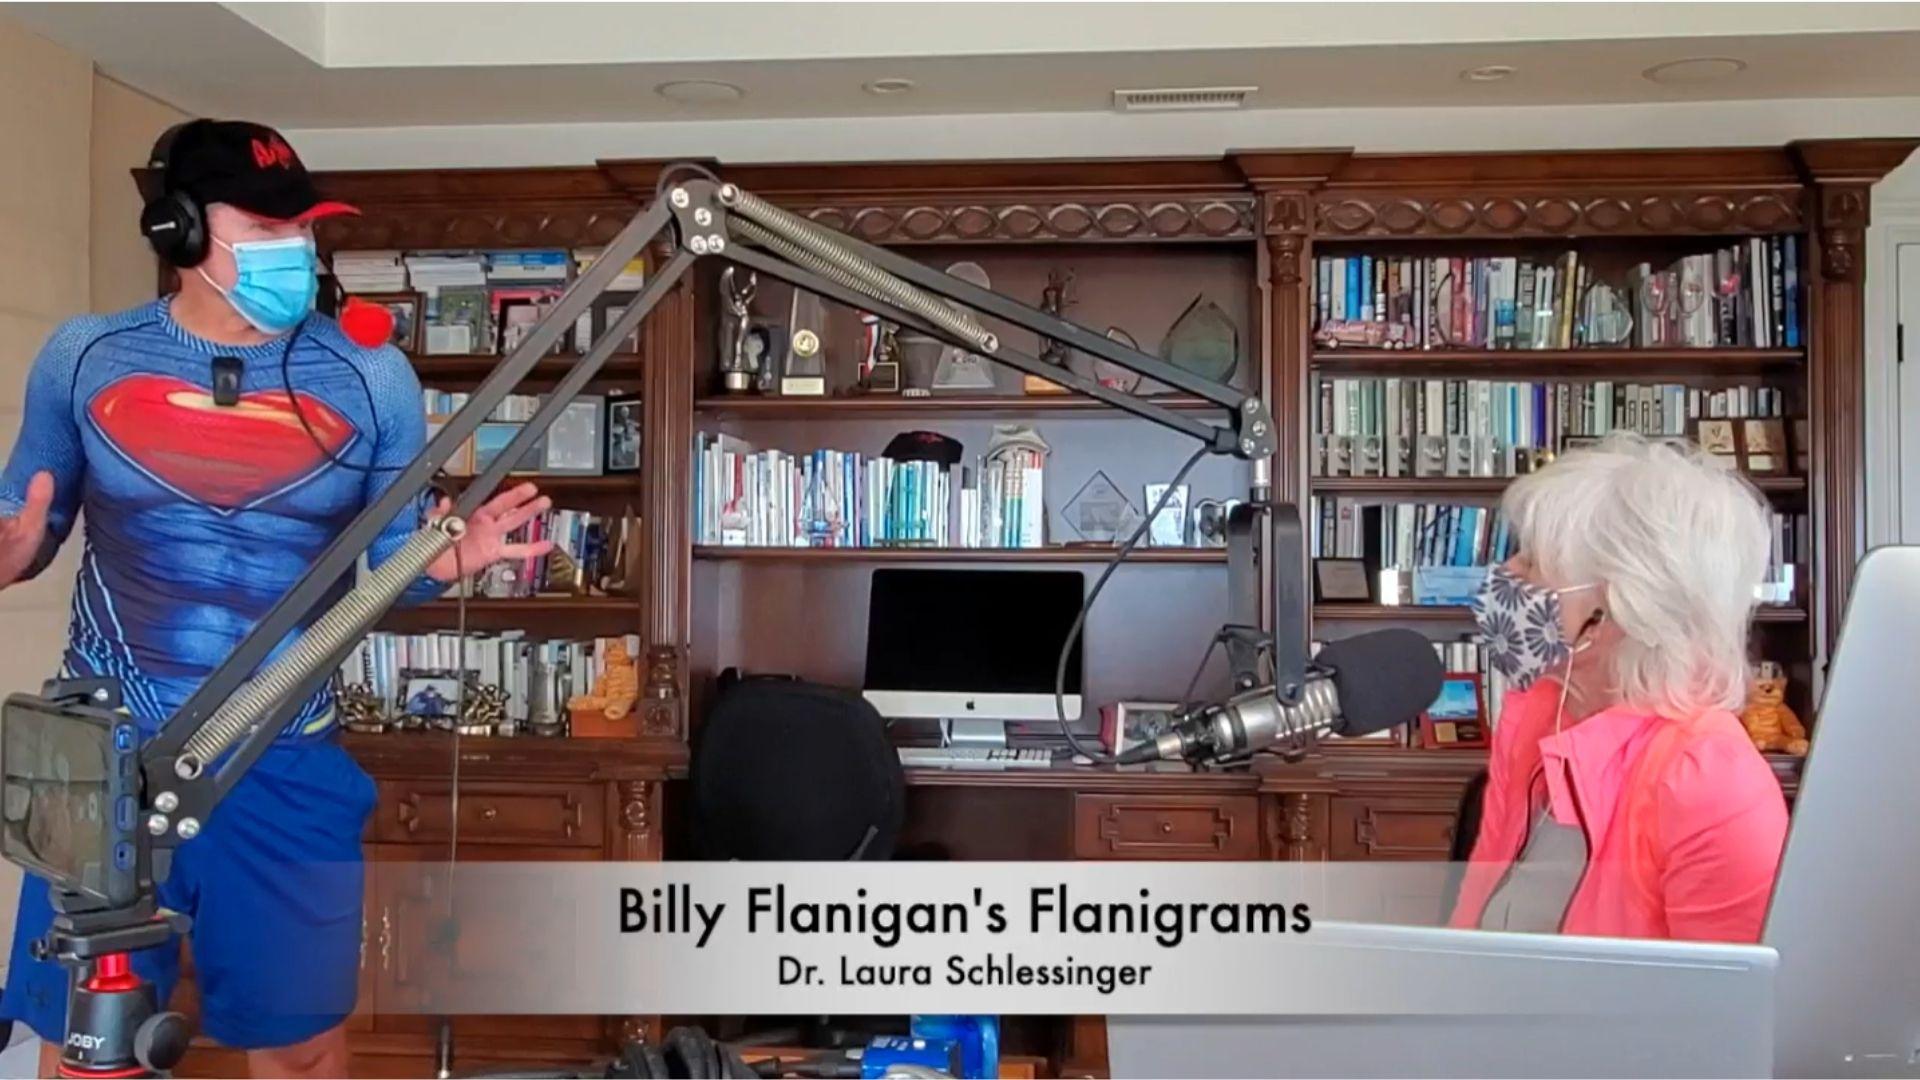 Video: I Got a Flanigram!